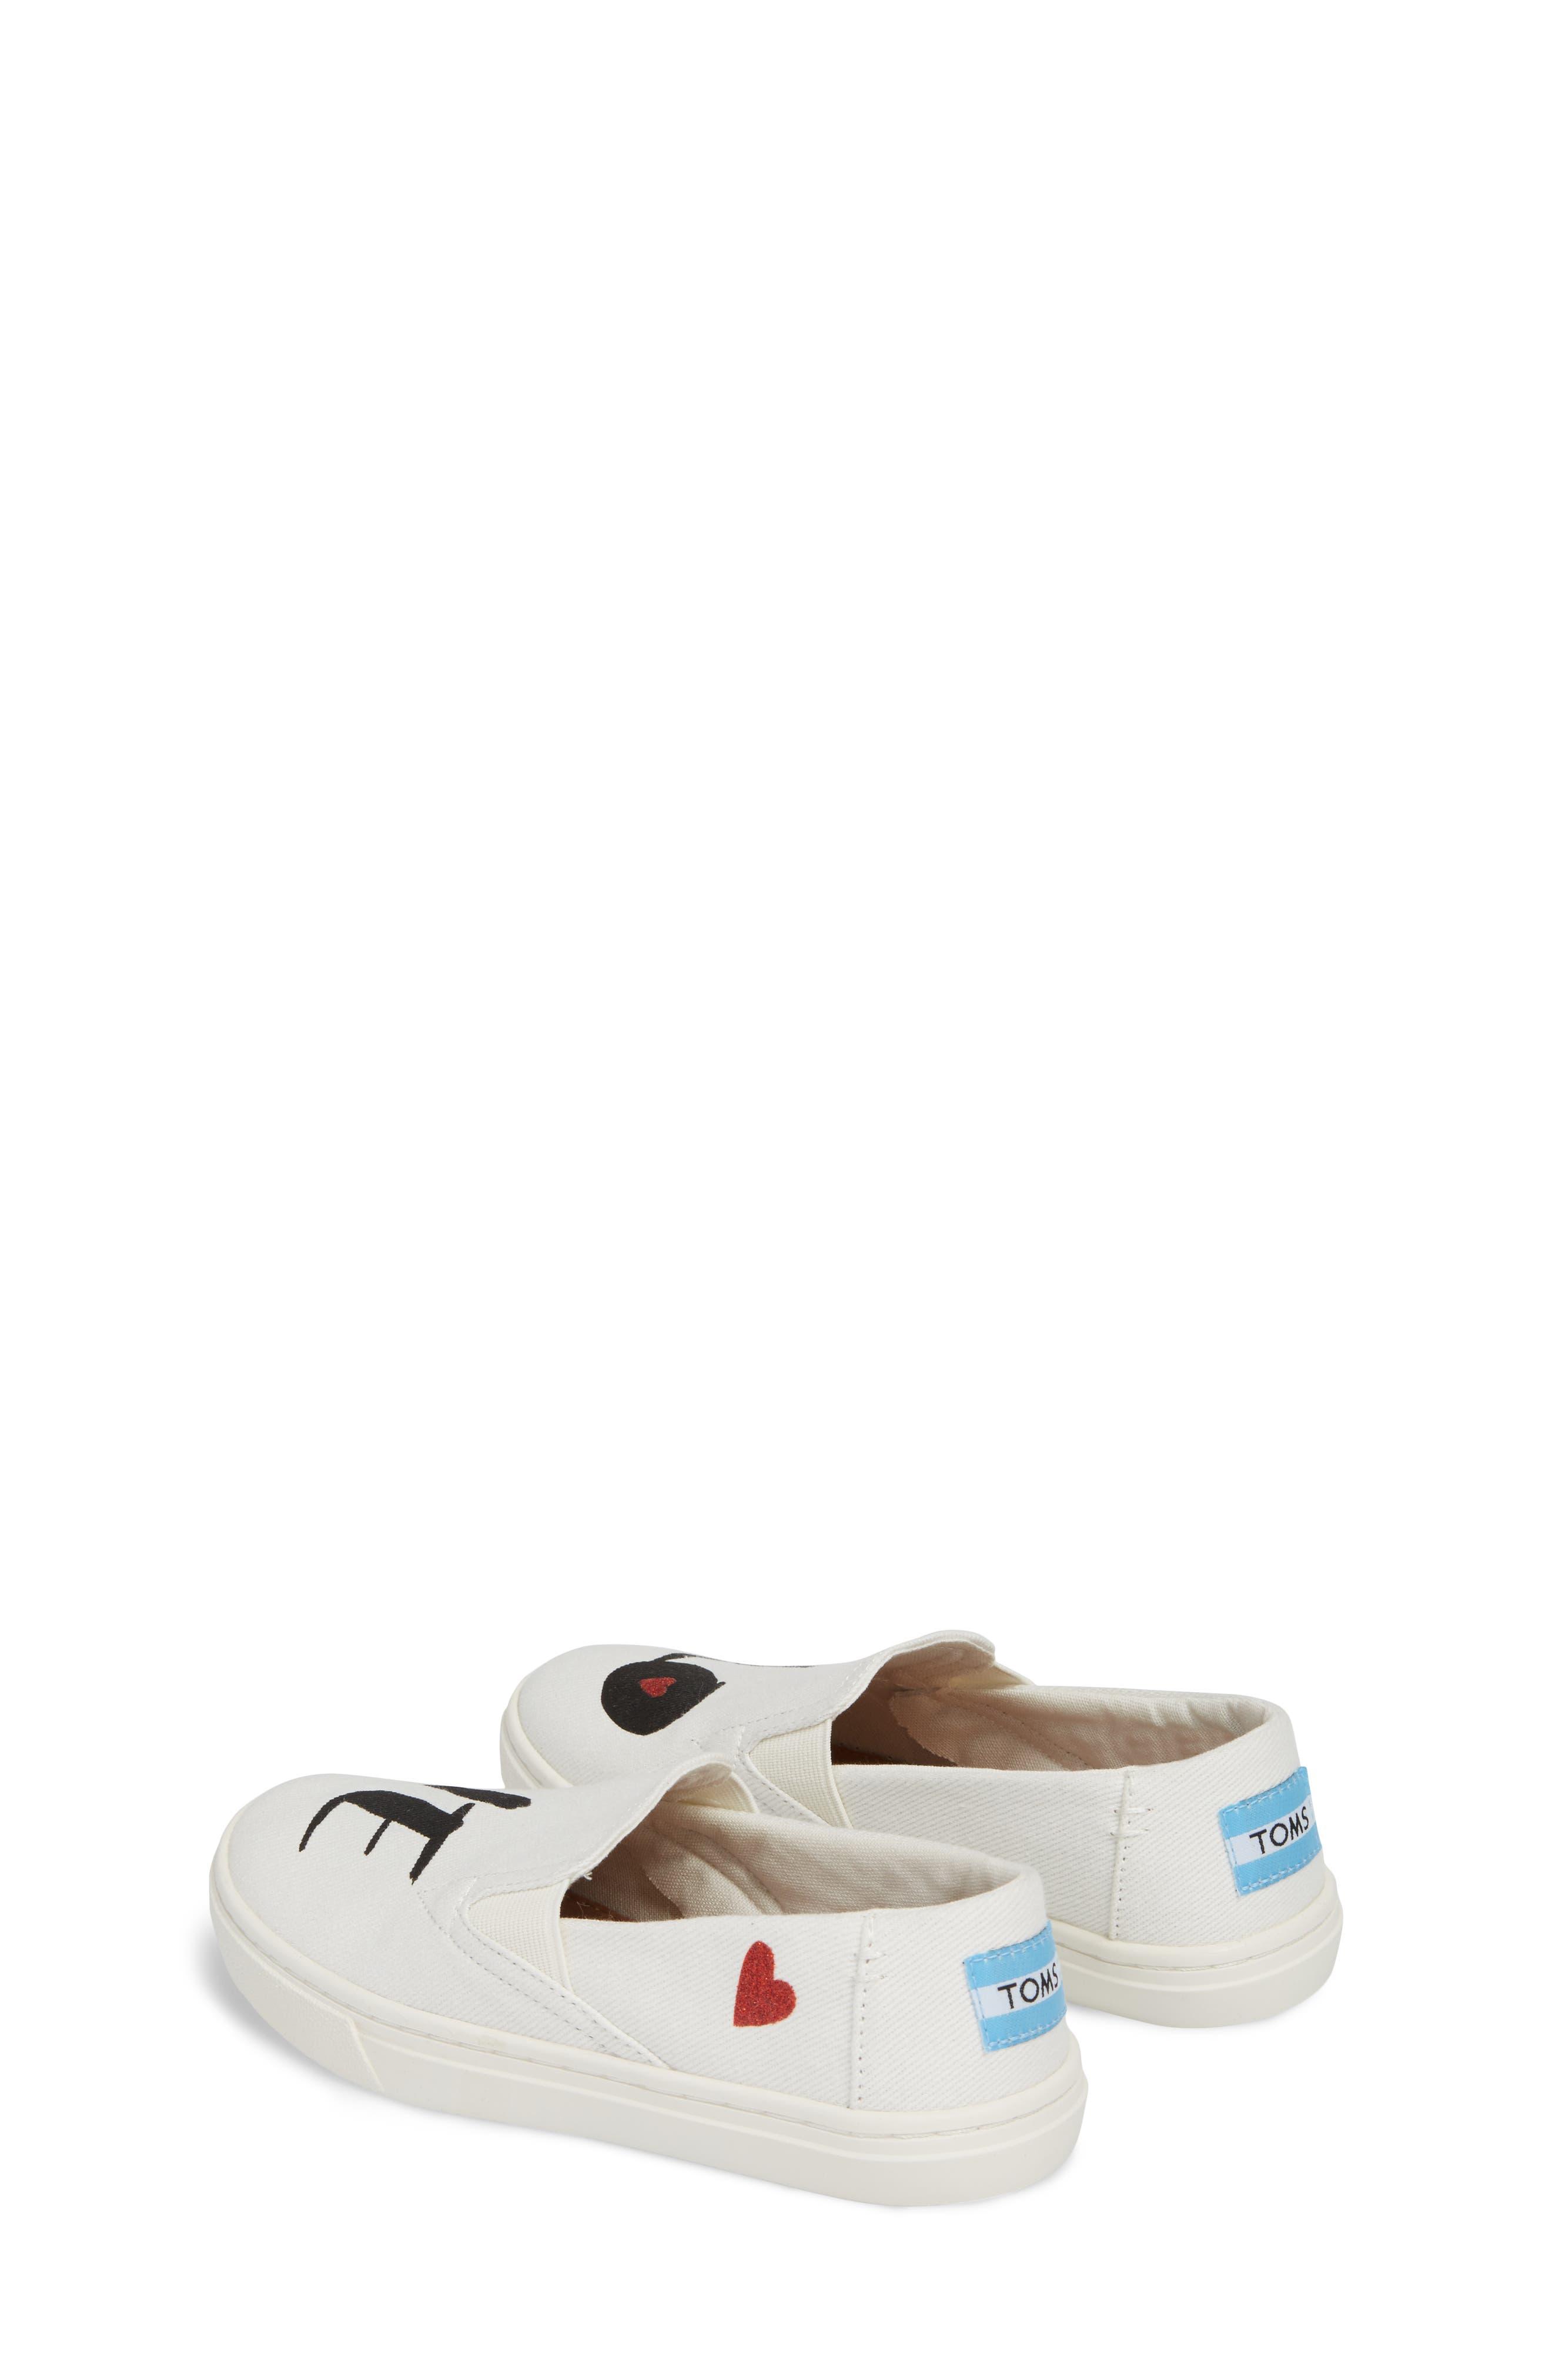 Luca Slip-On Sneaker,                             Alternate thumbnail 21, color,